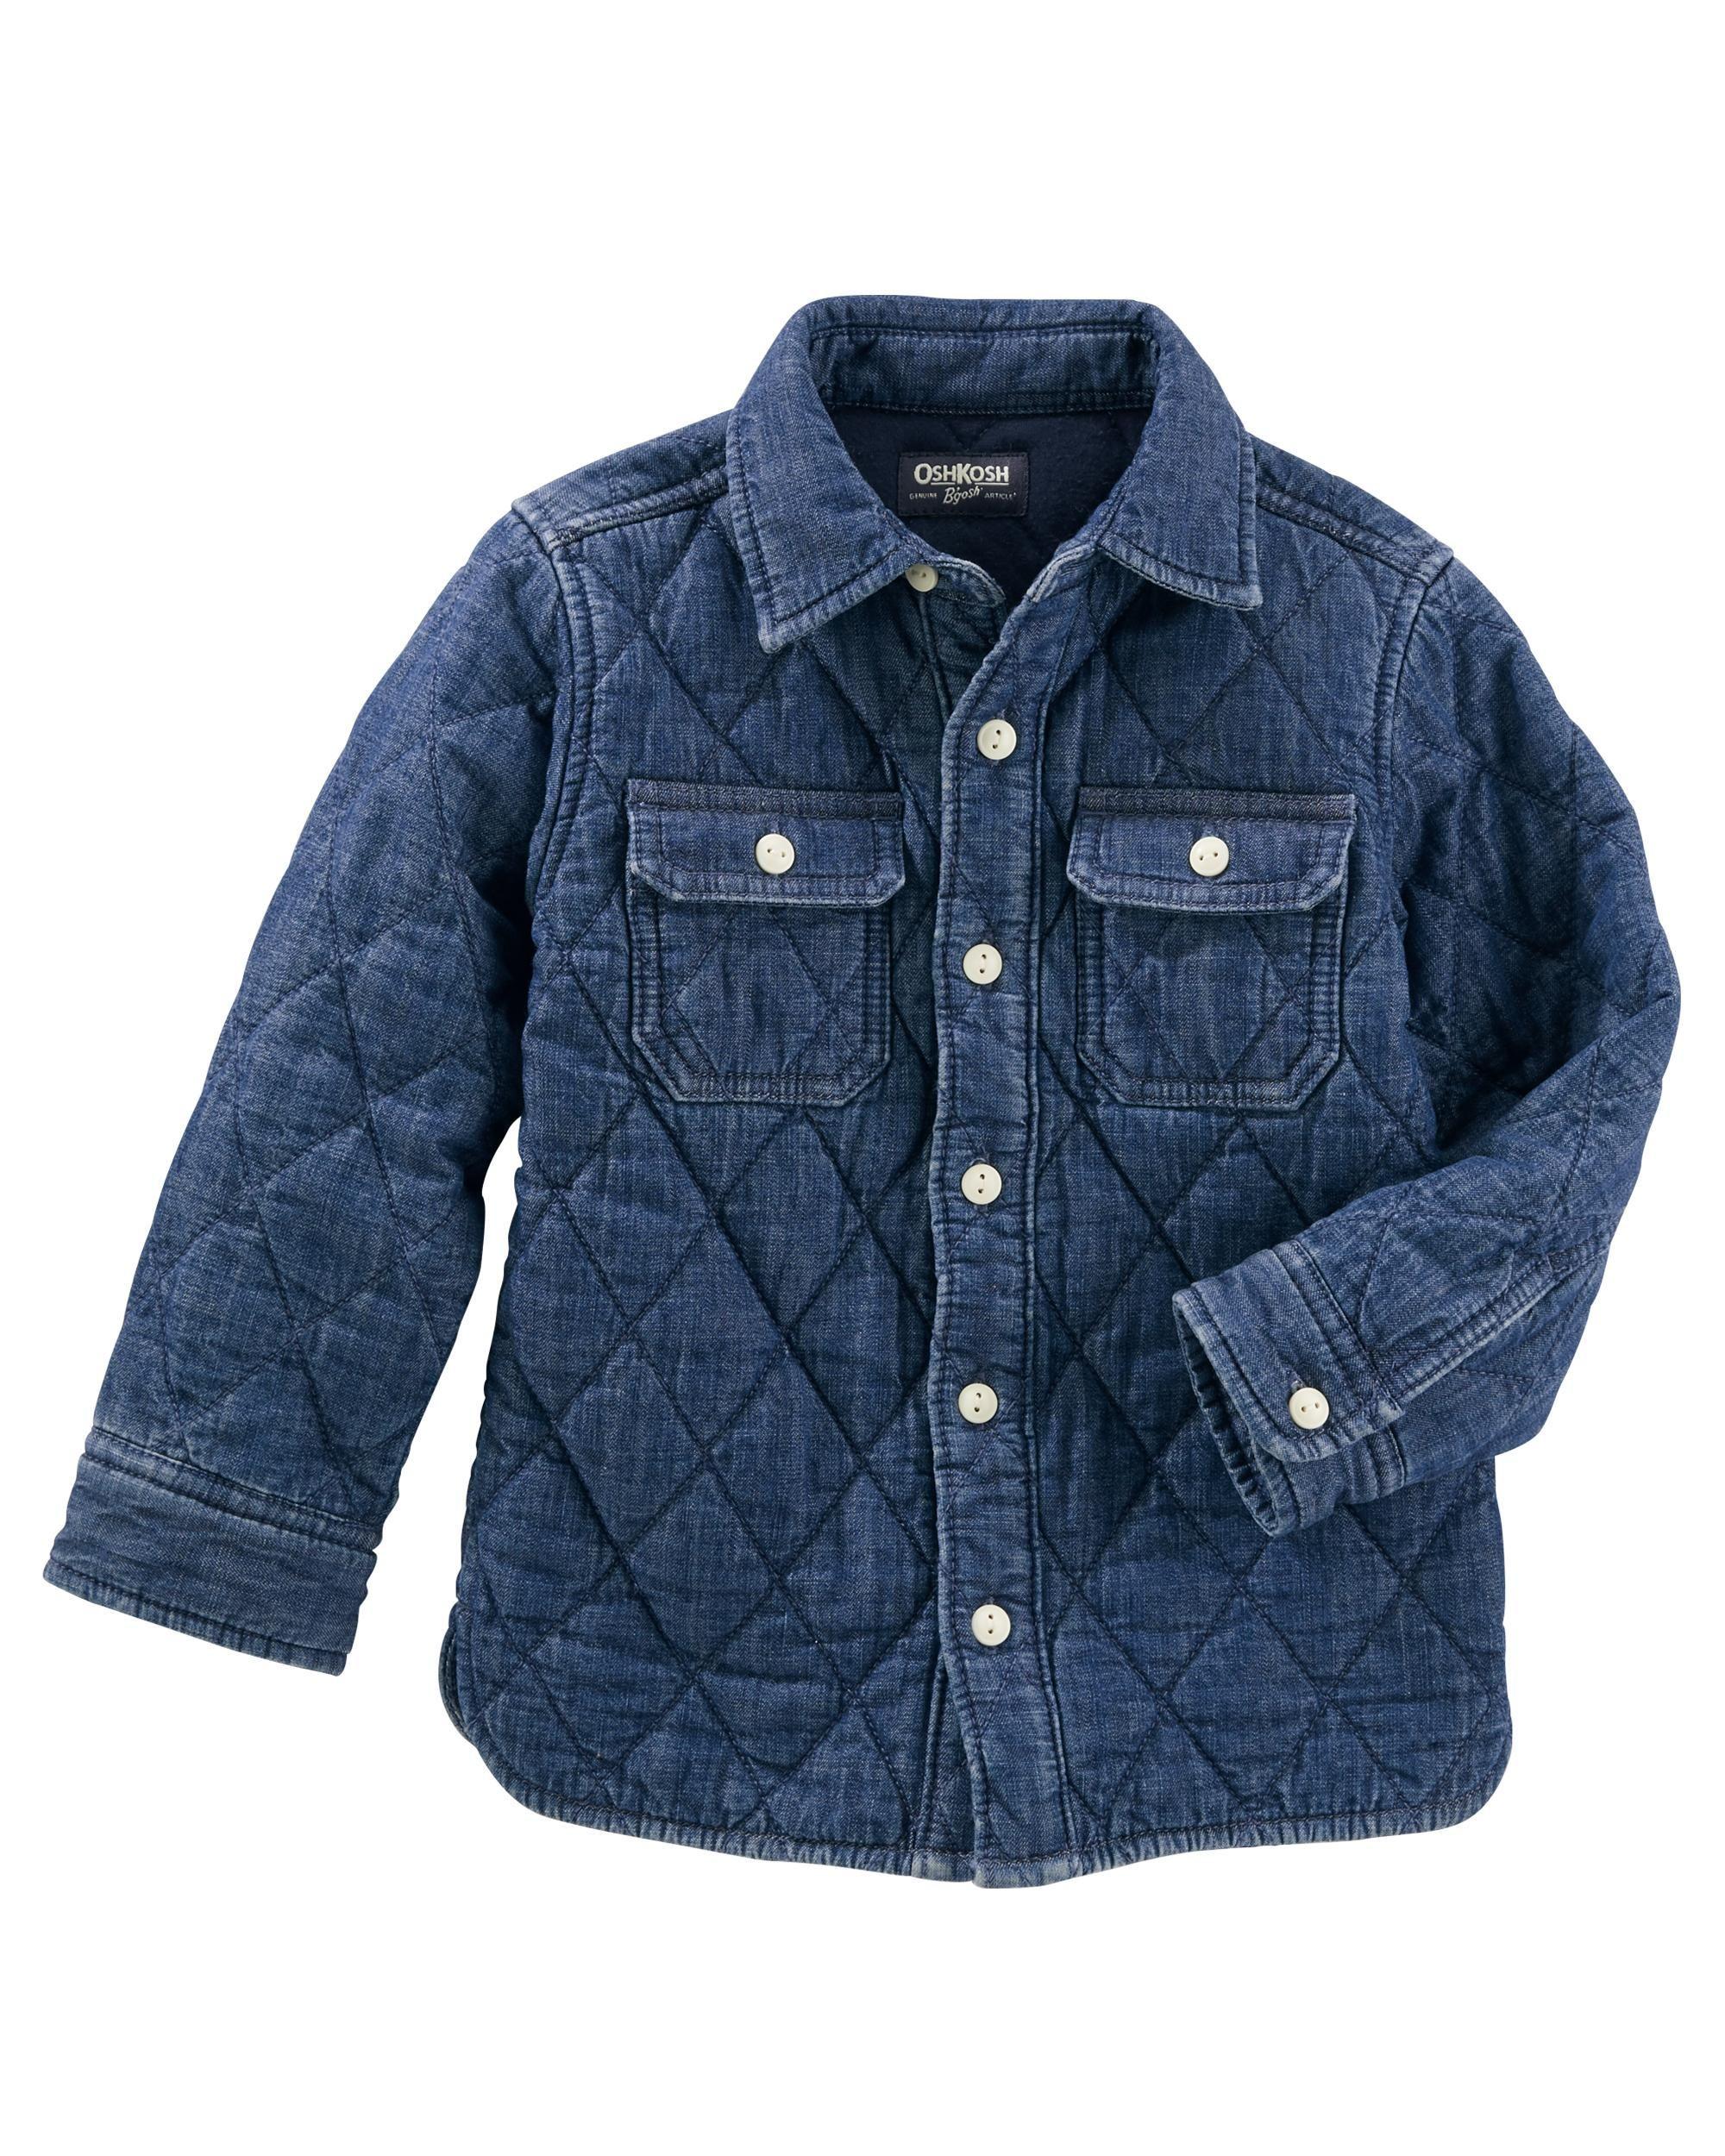 Quilted Denim Jacket Boy Outerwear Denim Jacket Jackets [ 2500 x 2000 Pixel ]